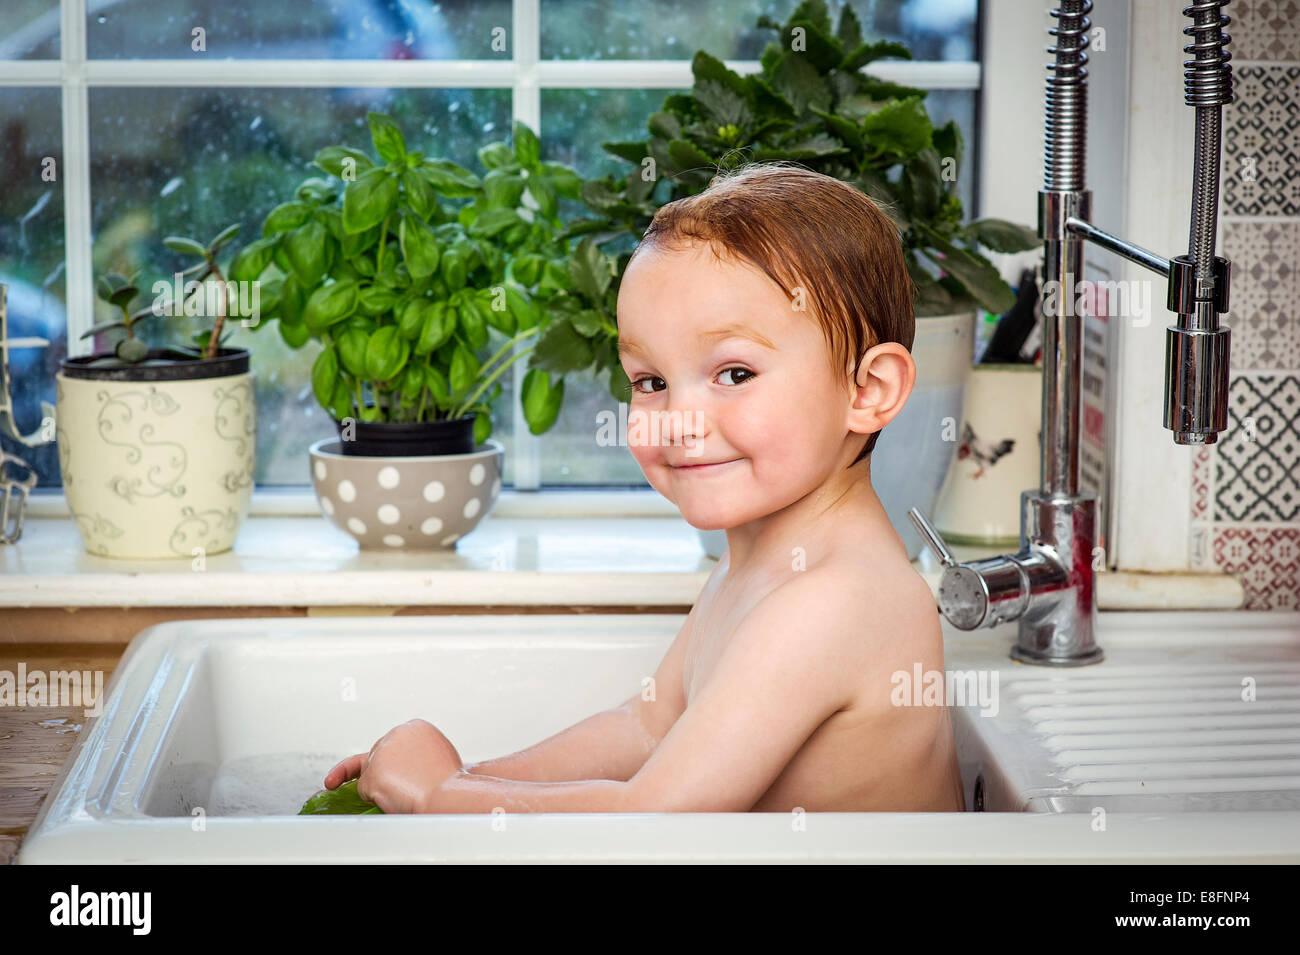 Boy (2-3) taking bath in kitchen sink Stock Photo